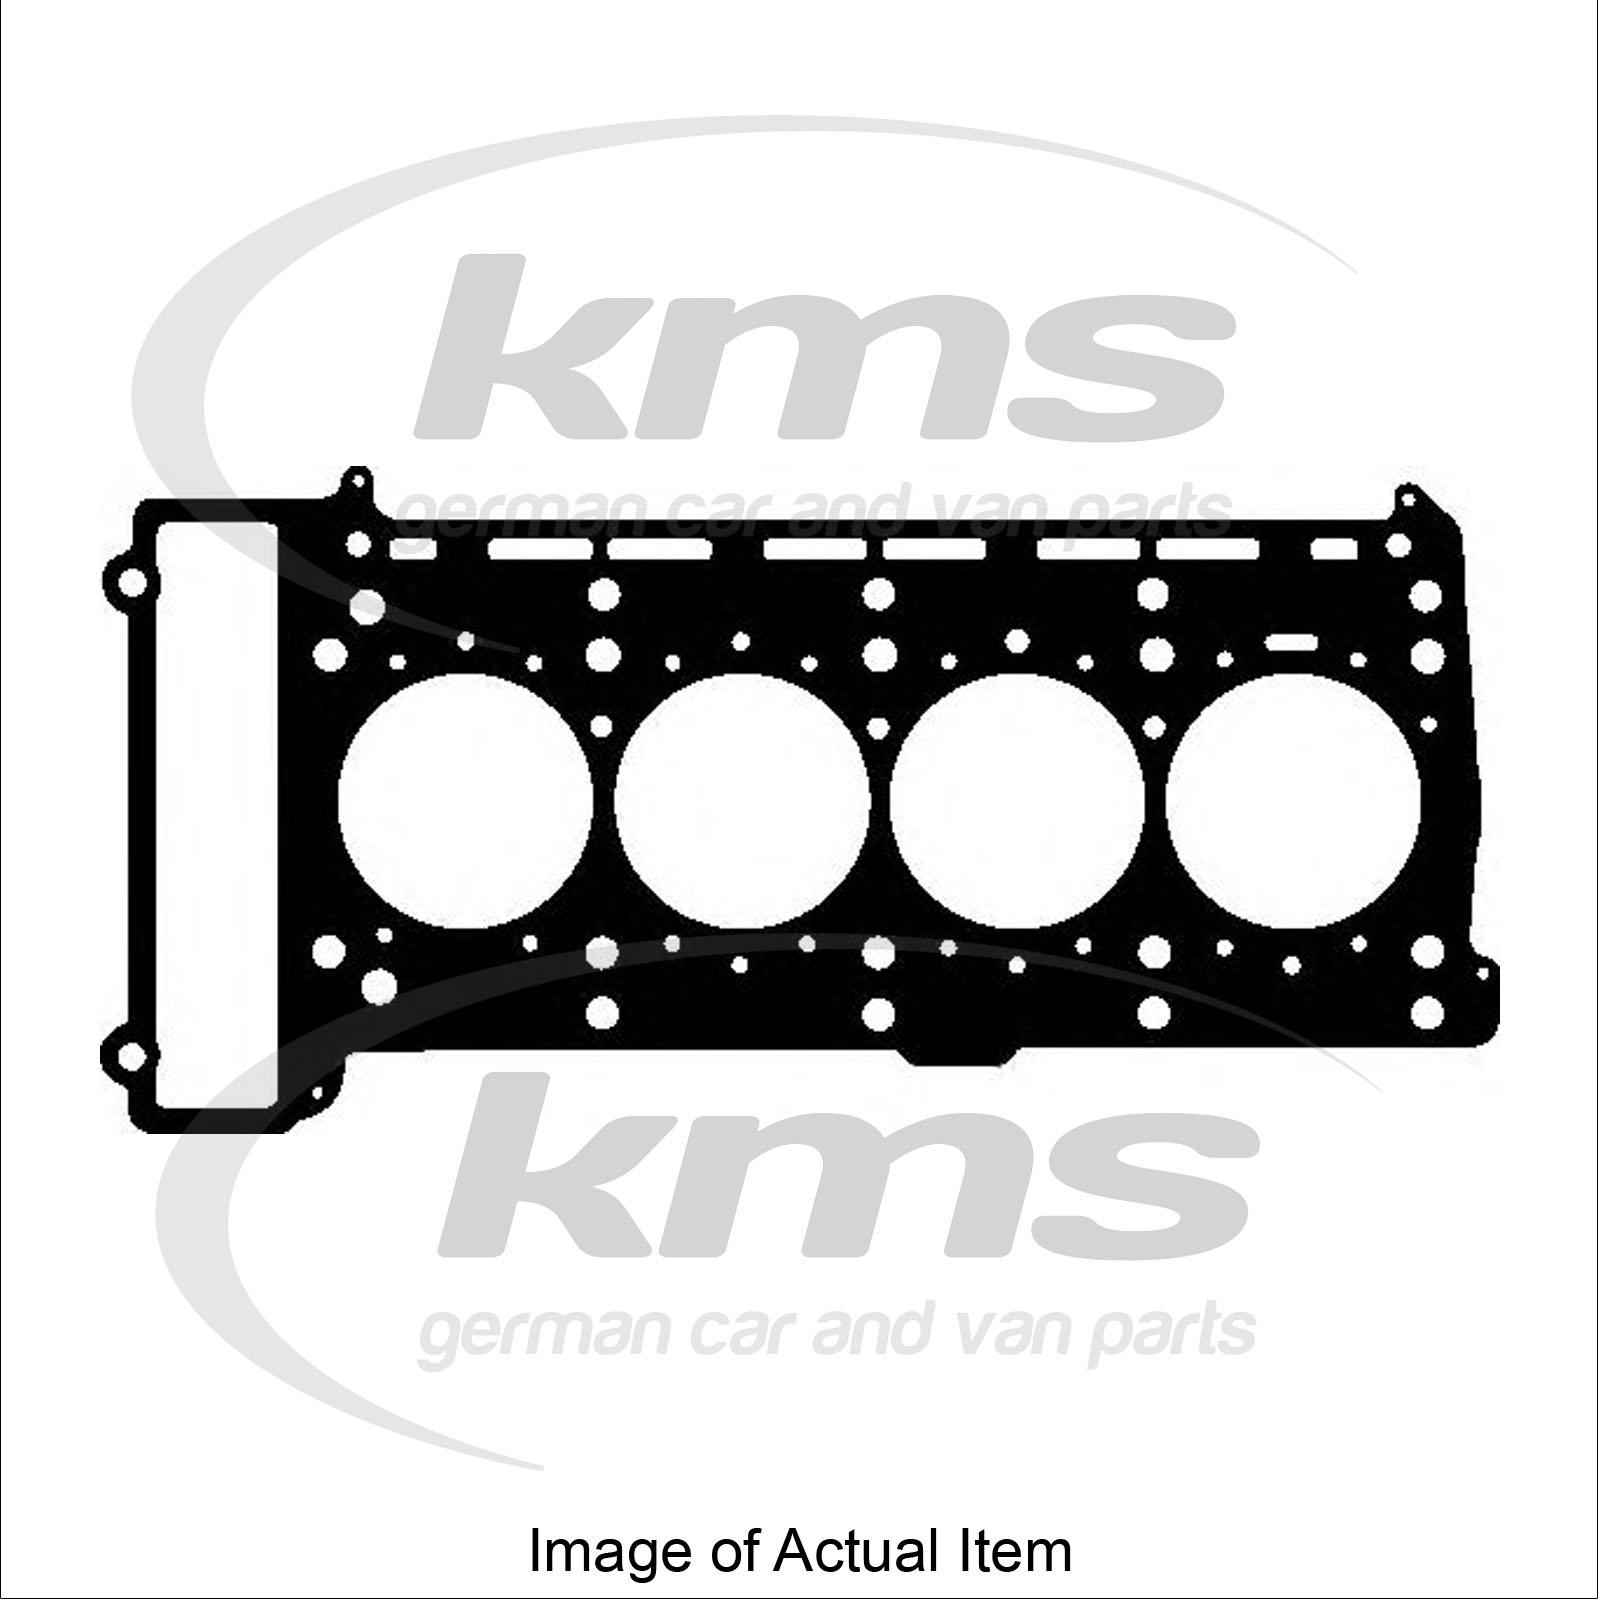 CYLINDER HEAD GASKET MERCEDES E-CLASS T-Model (S212) E 200